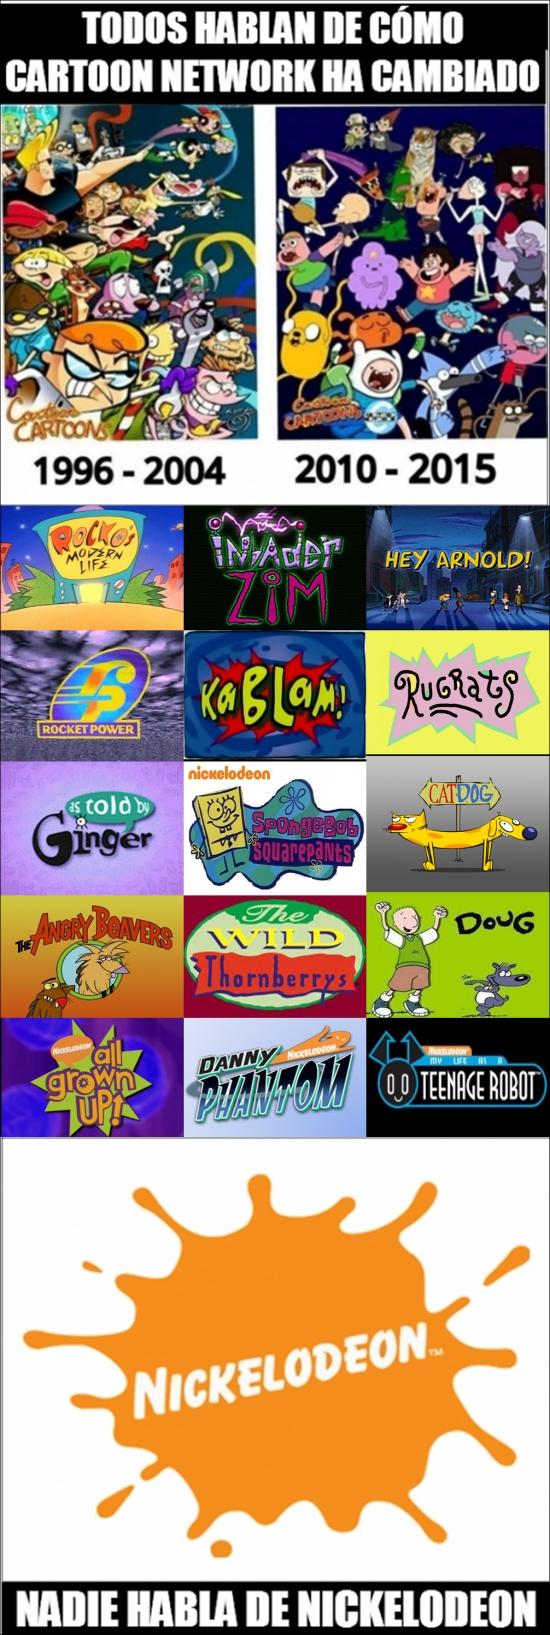 Meme_otros - No sólo Cartoon Network ha cambiado